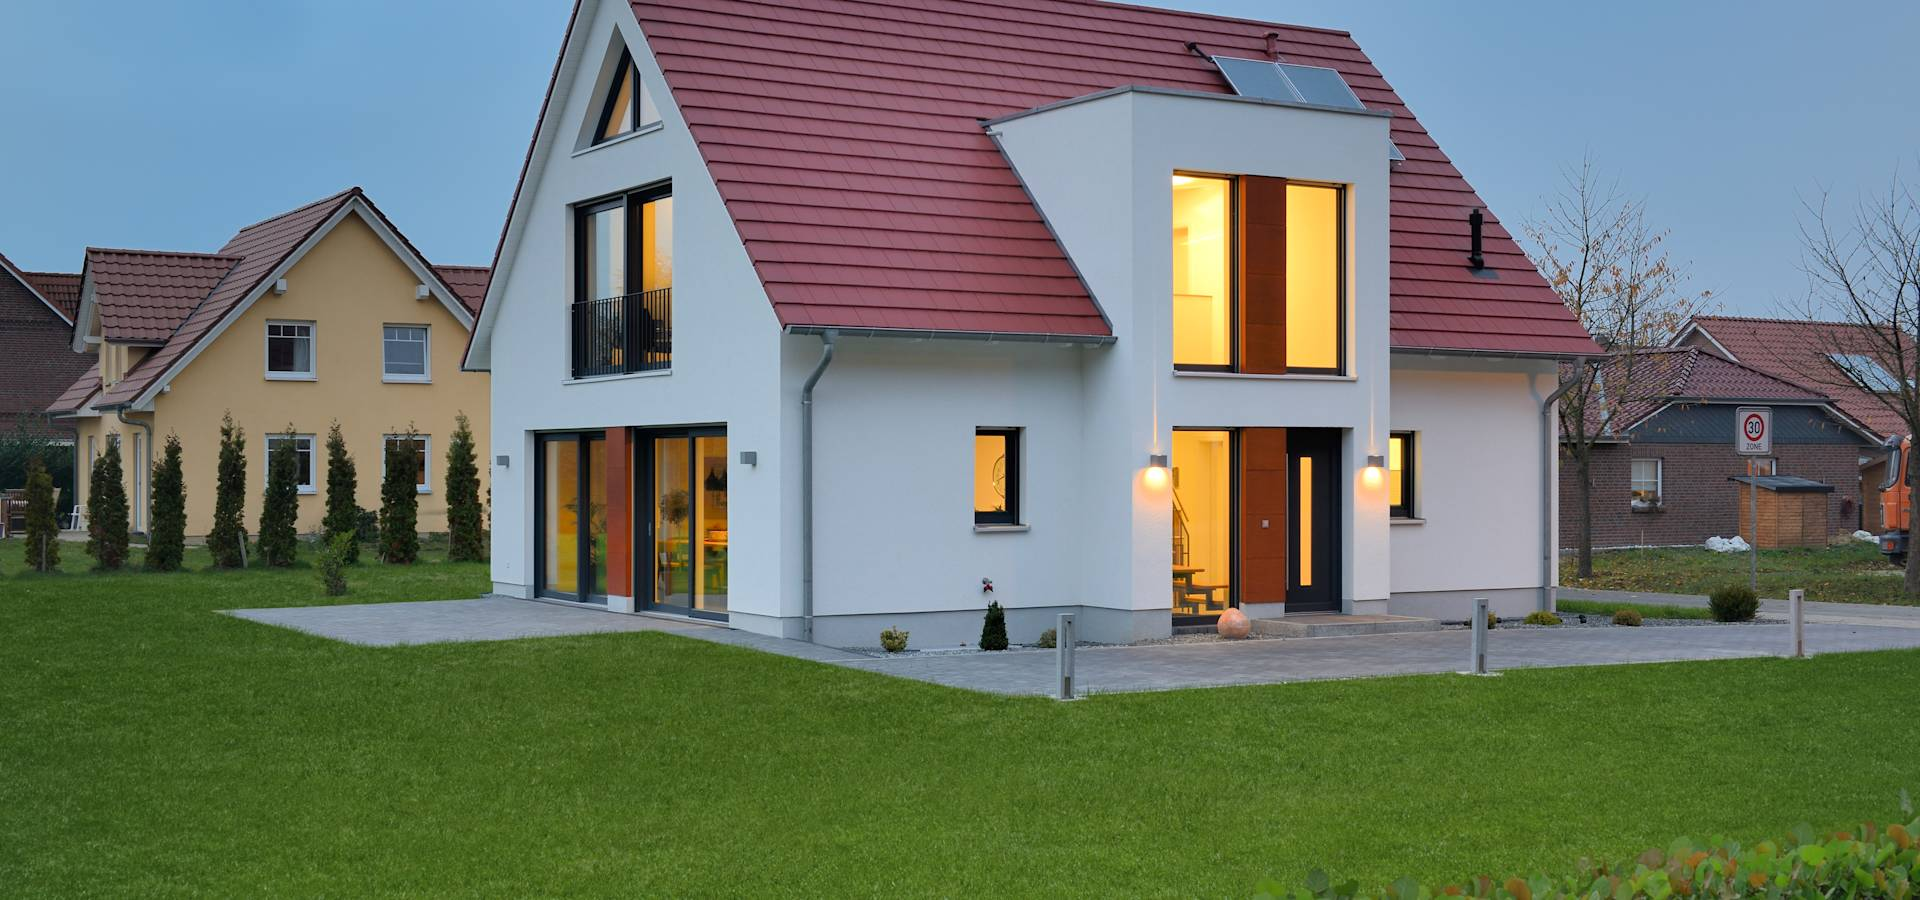 musterhaus l neburg norddeutscher haustyp mit charme von. Black Bedroom Furniture Sets. Home Design Ideas